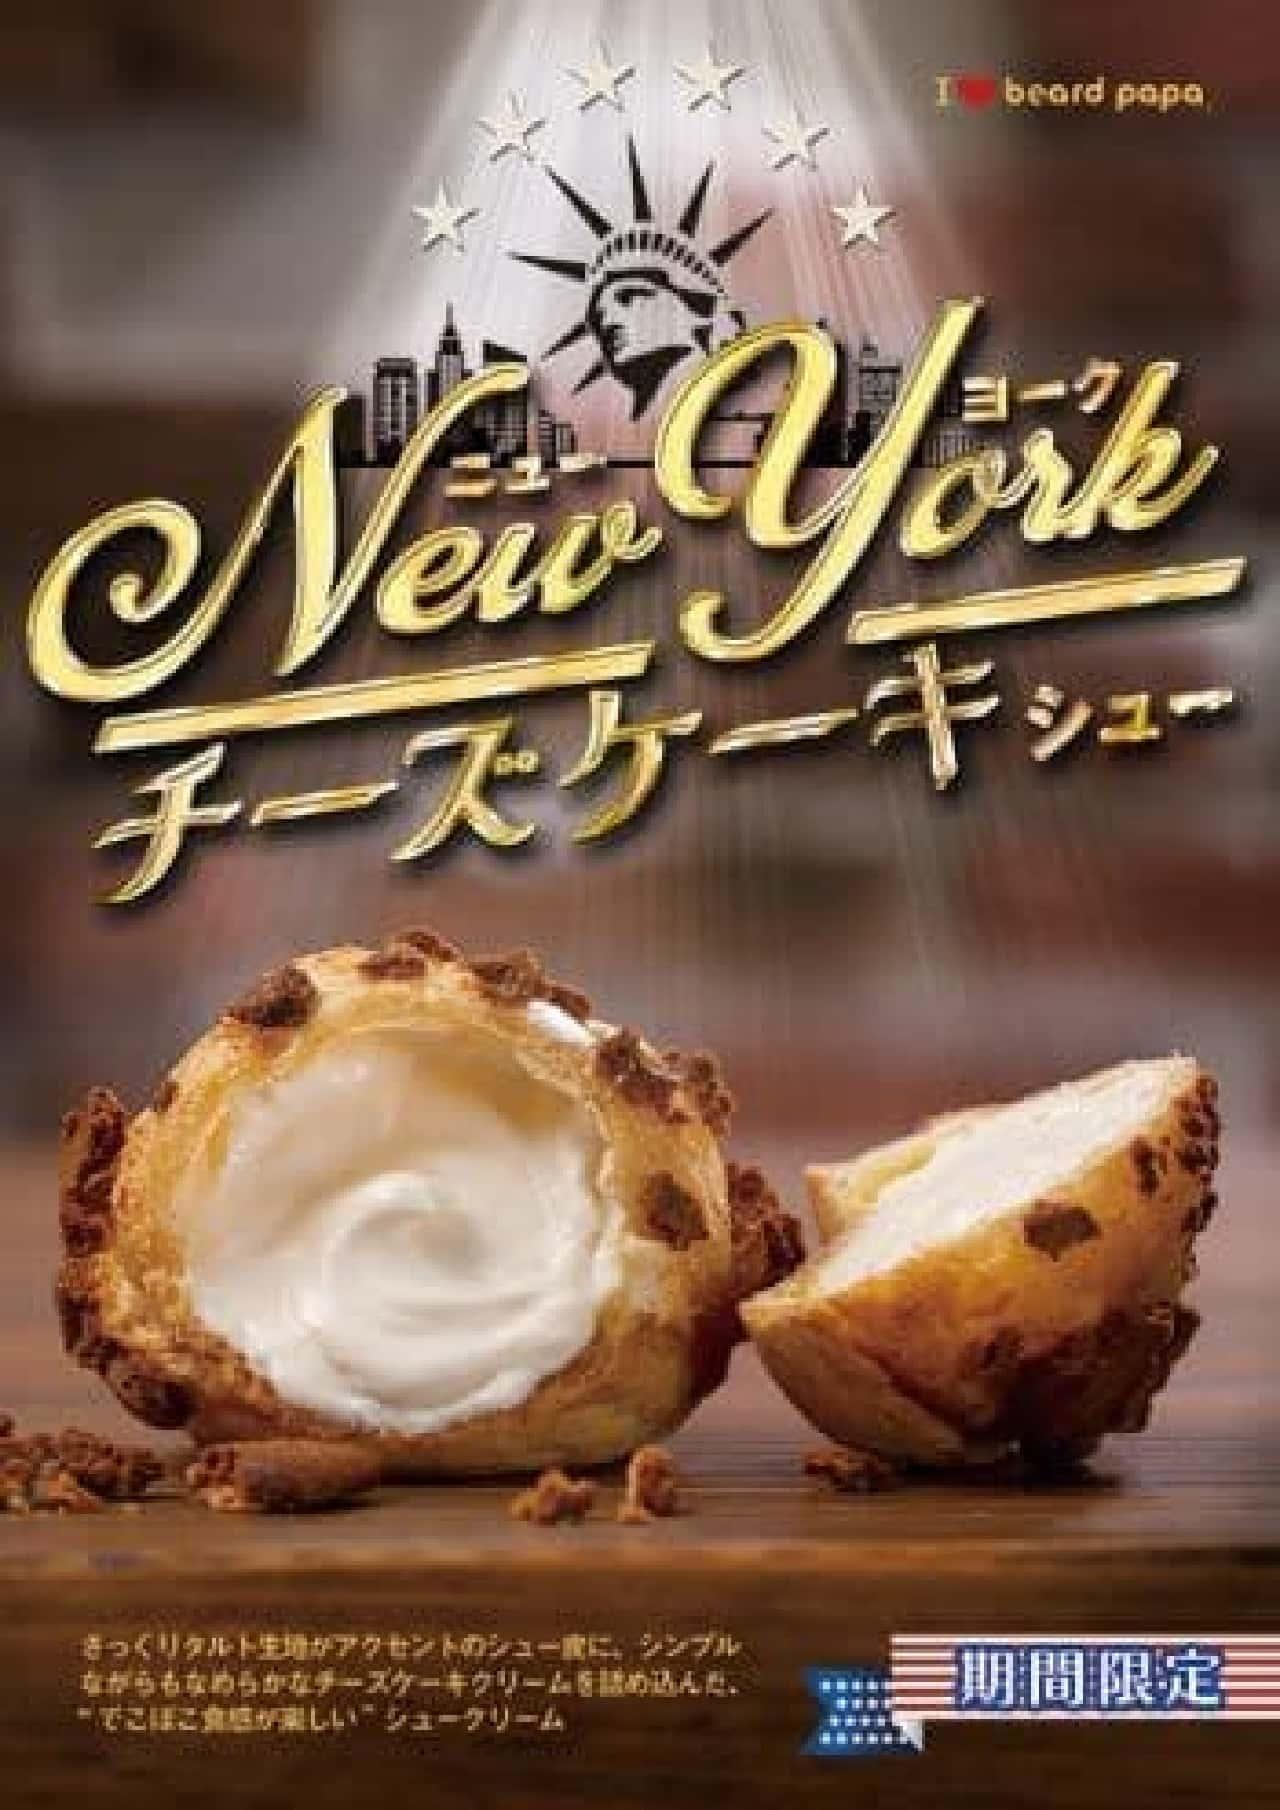 ビアードパパ「ニューヨークチーズケーキシュー」